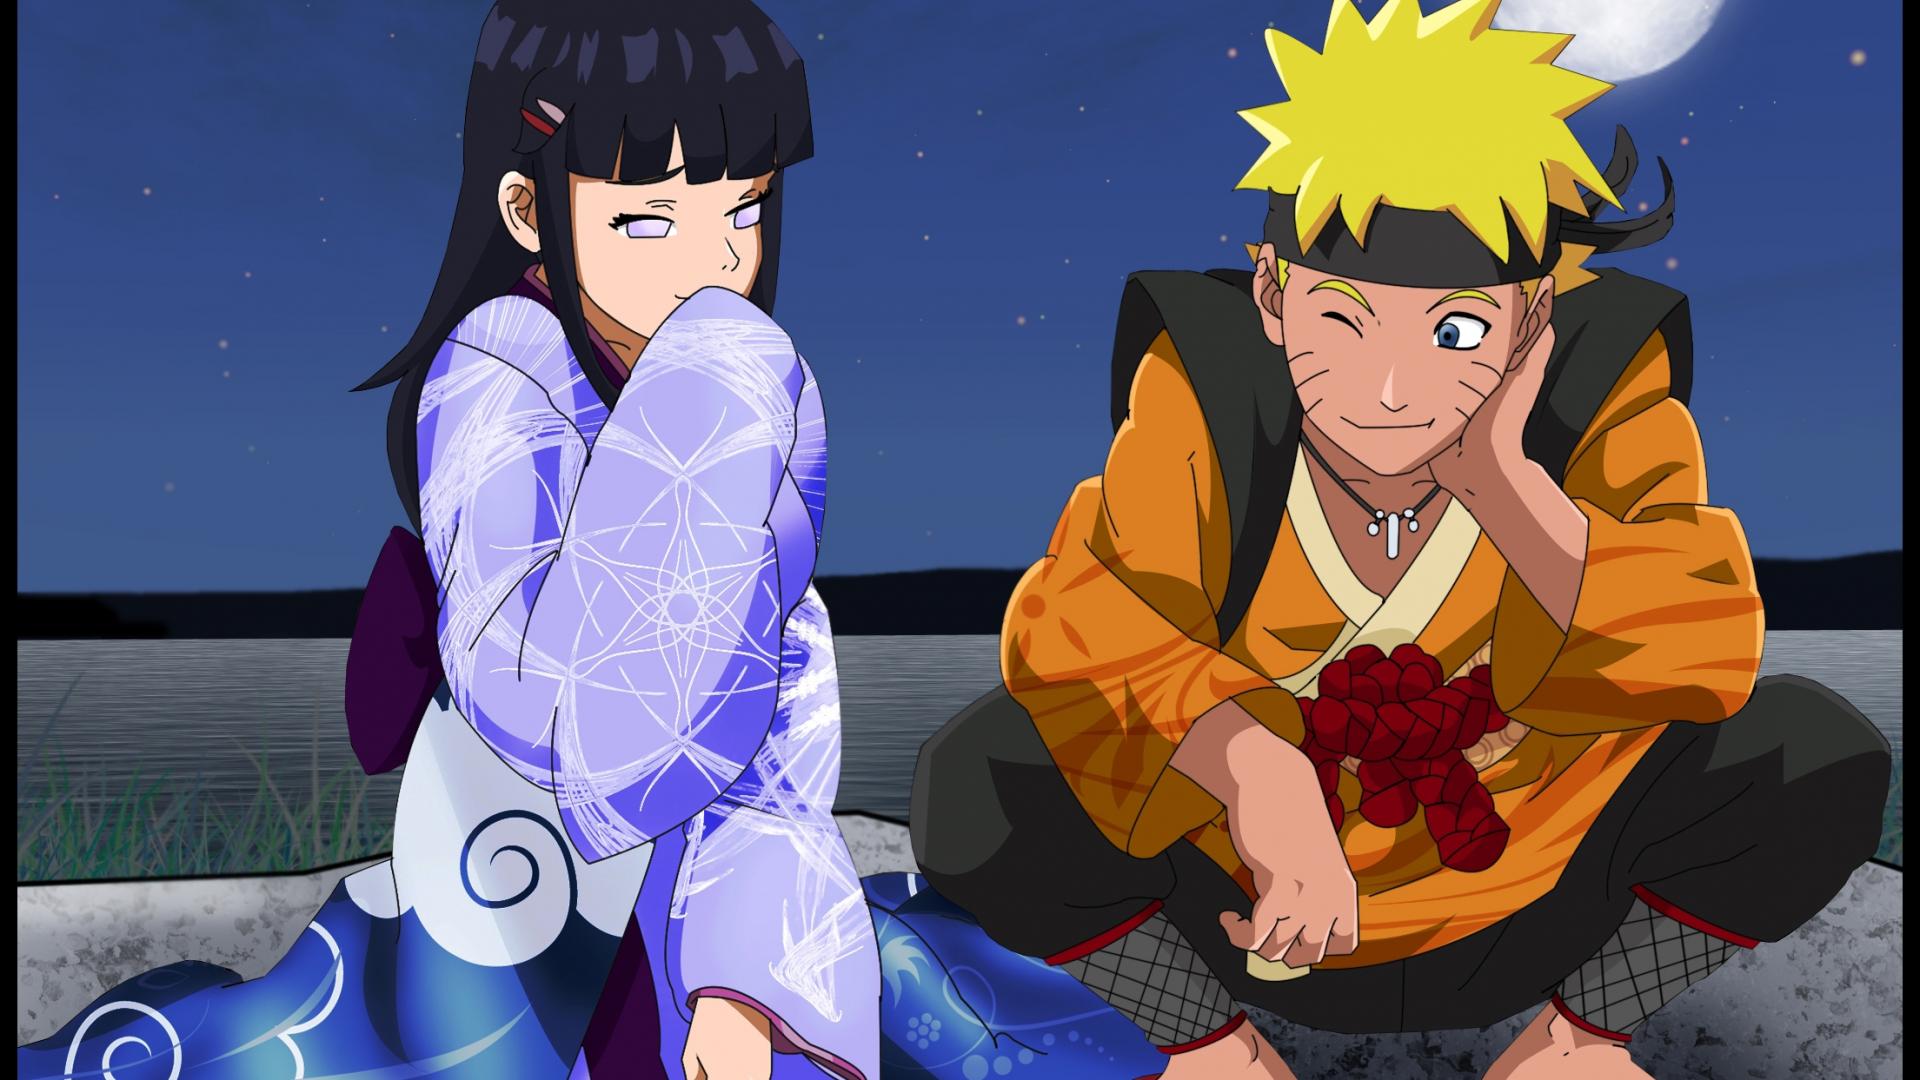 Free Kumpulan Gambar Foto Naruto Lengkap Untuk